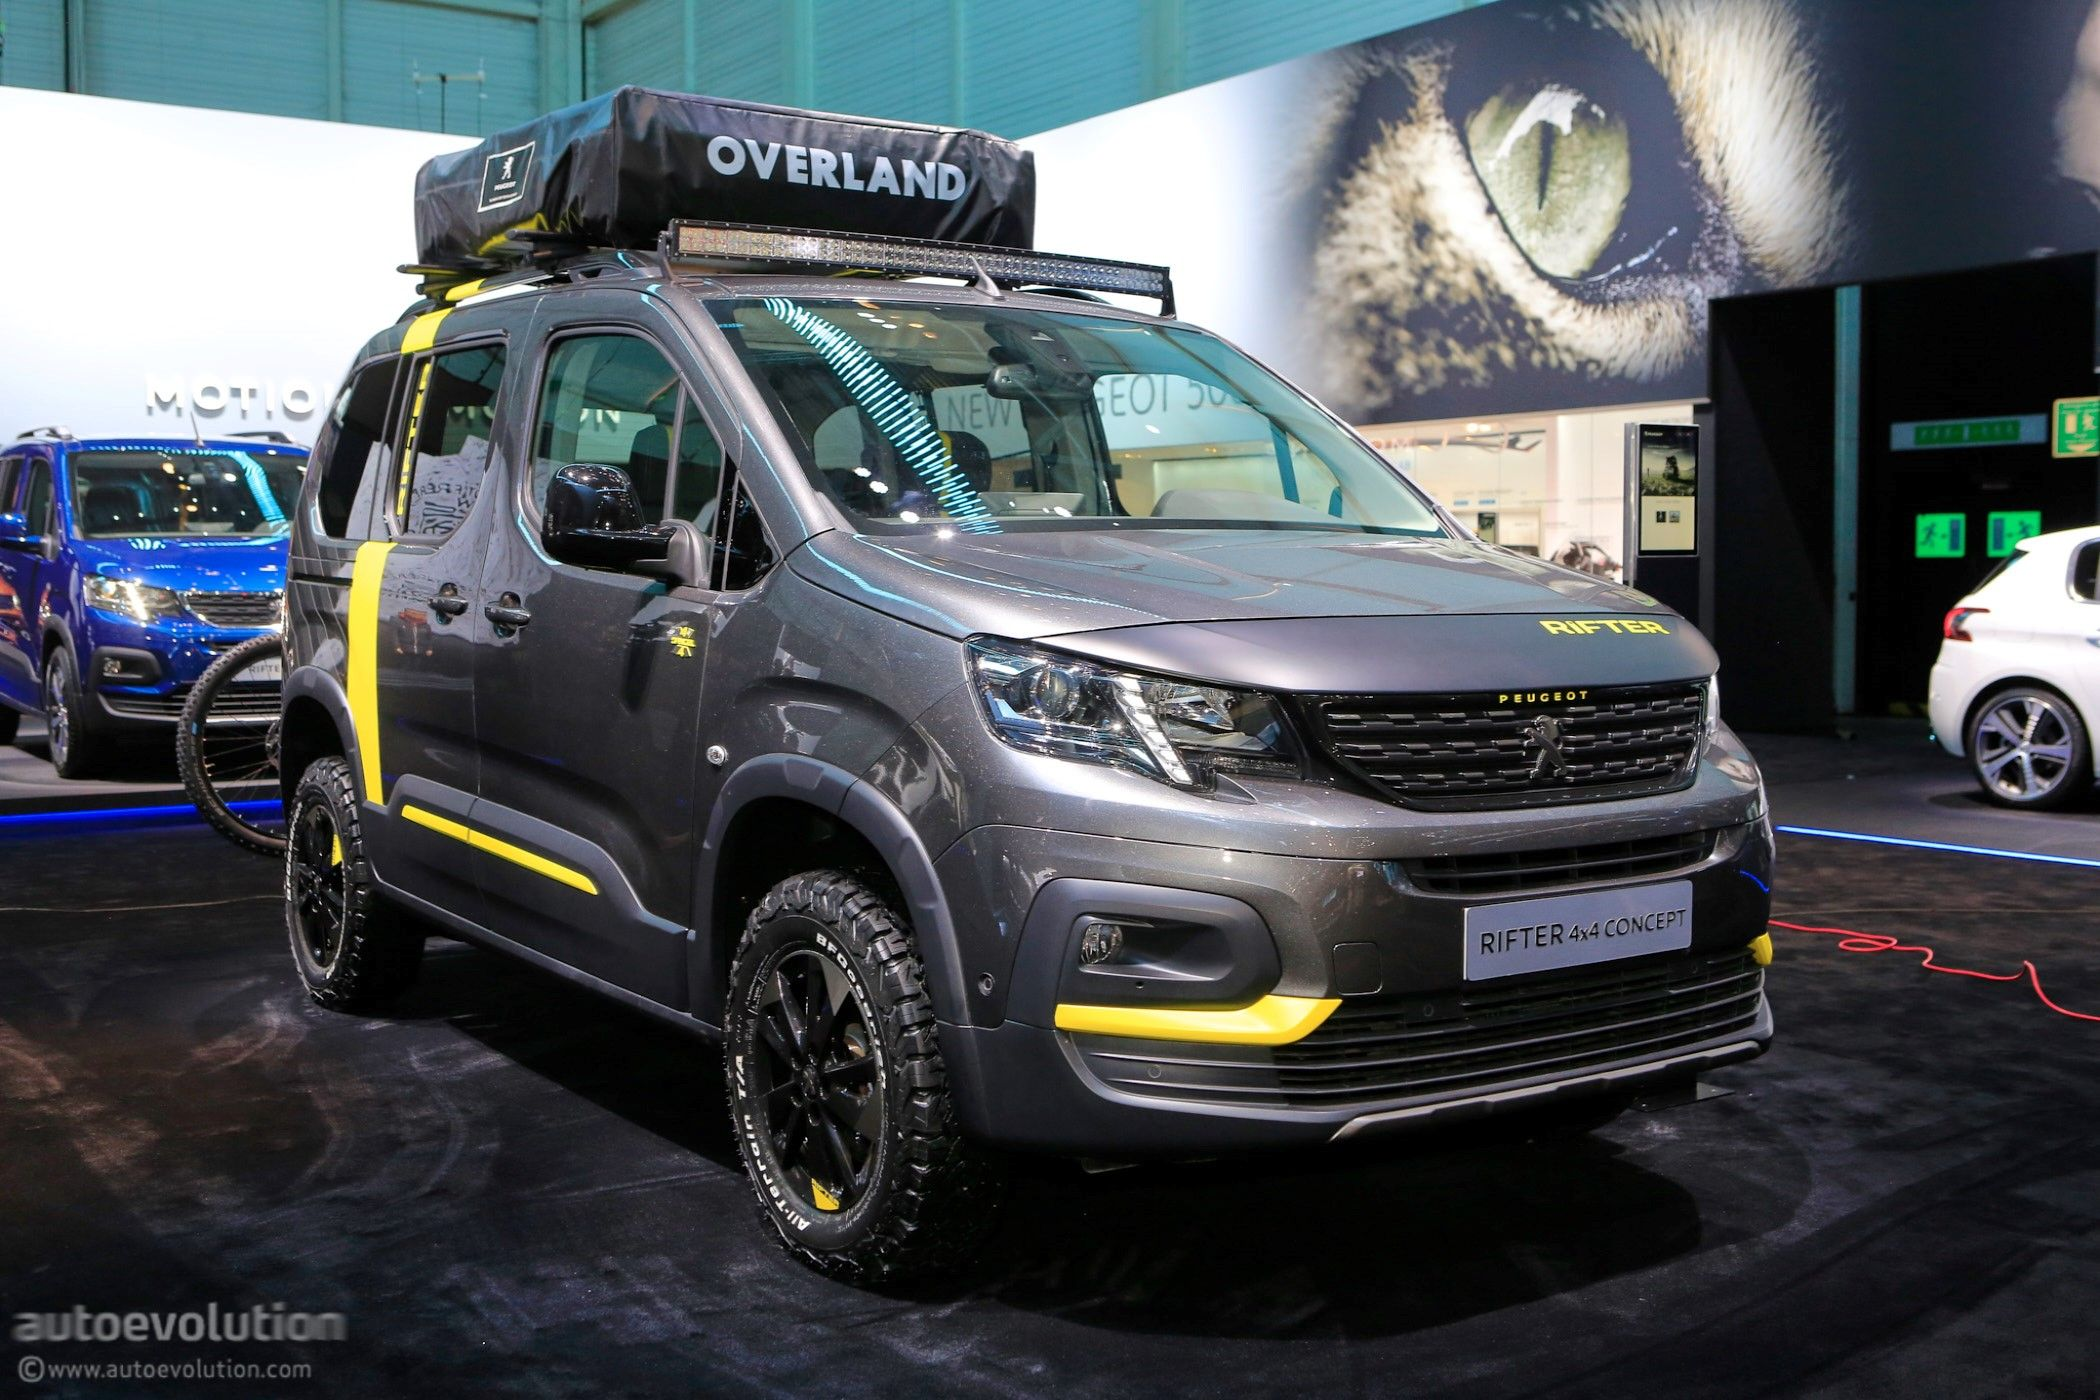 Peugeot Rifter 10x10 Concept.  10x10 wohnmobil, Renntransporter